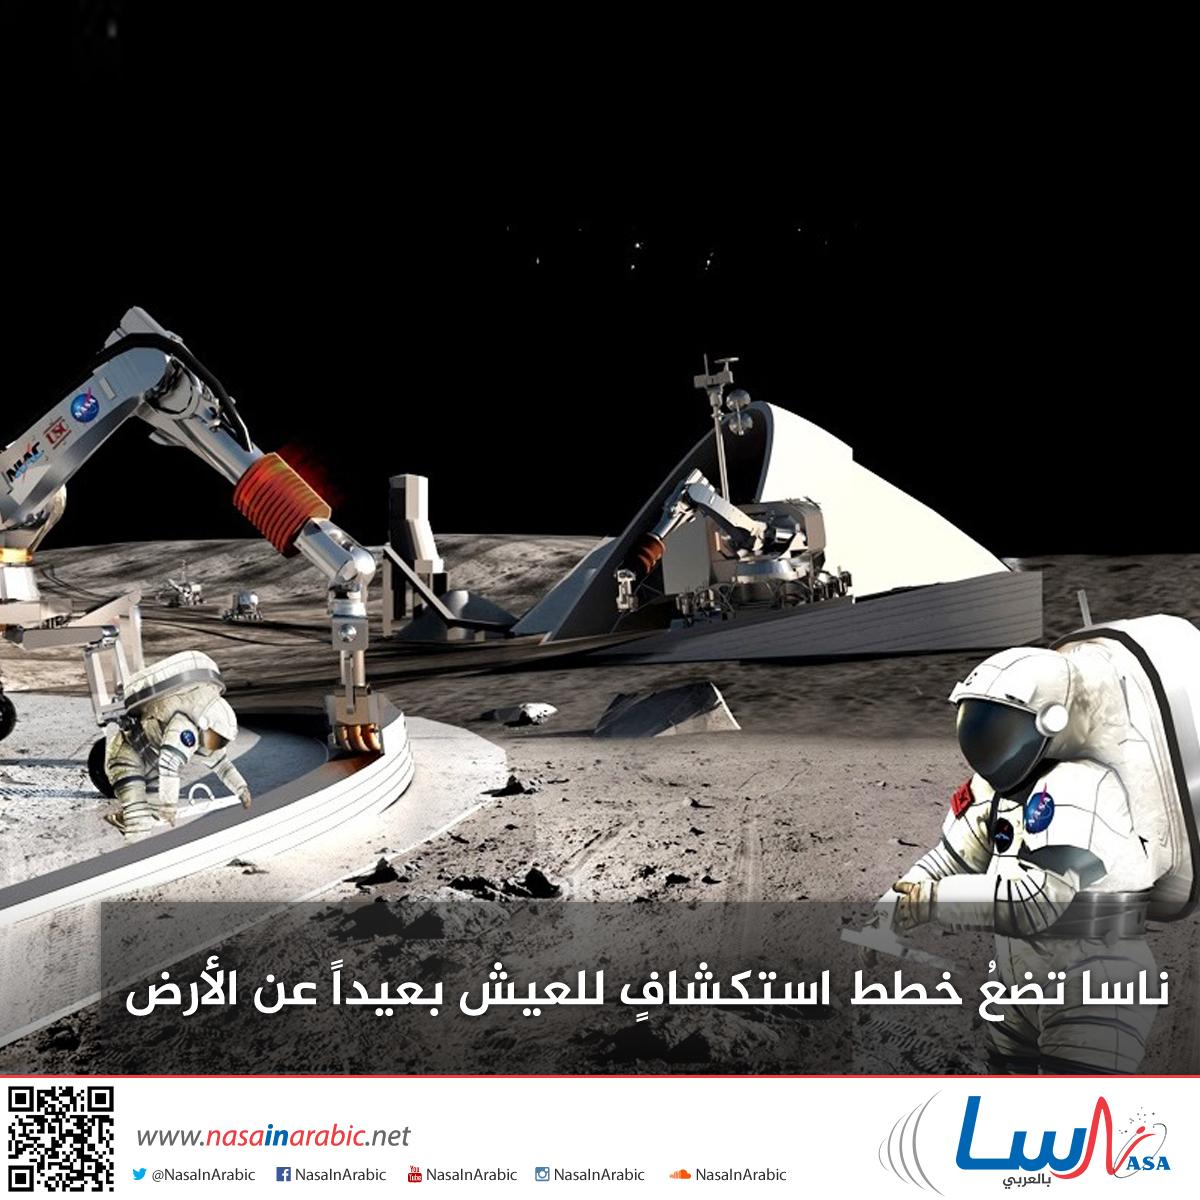 ناسا تضعُ خطط استكشافٍ للعيش بعيداً عن الأرض